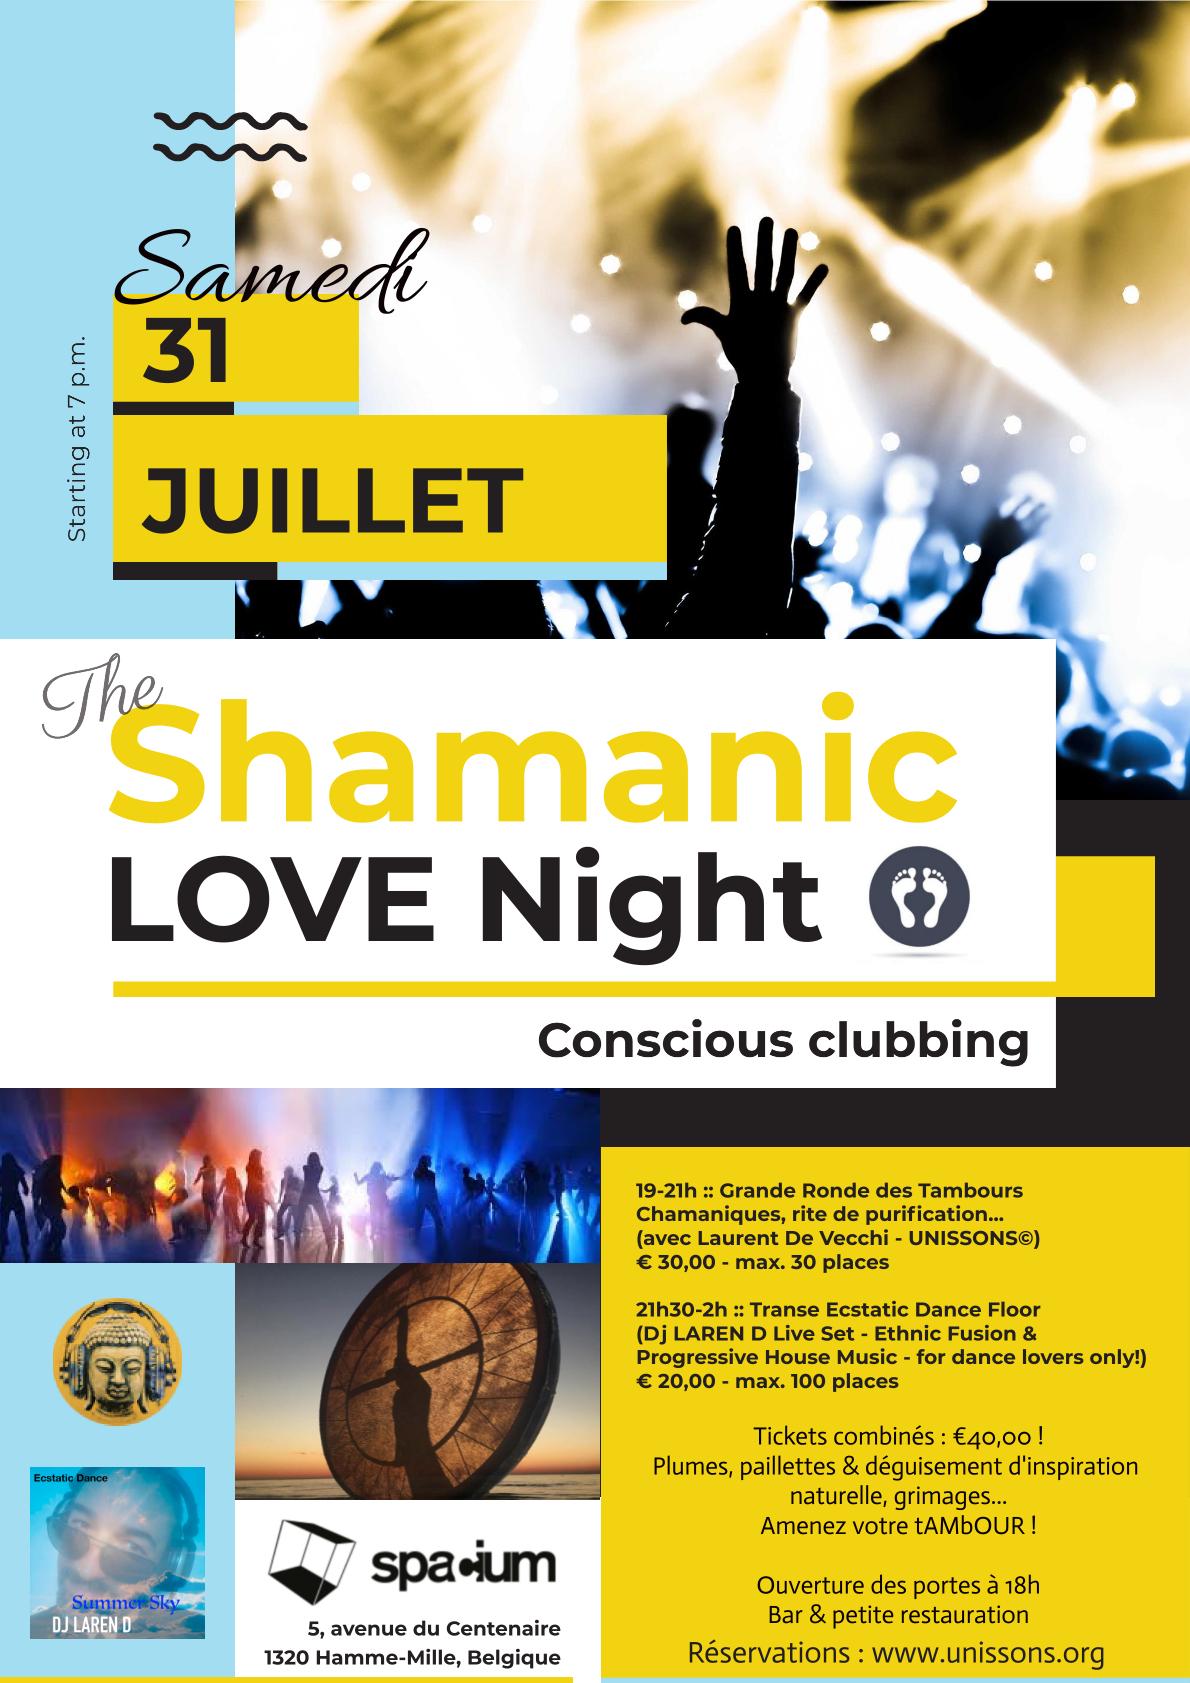 The Shamanic Love Night